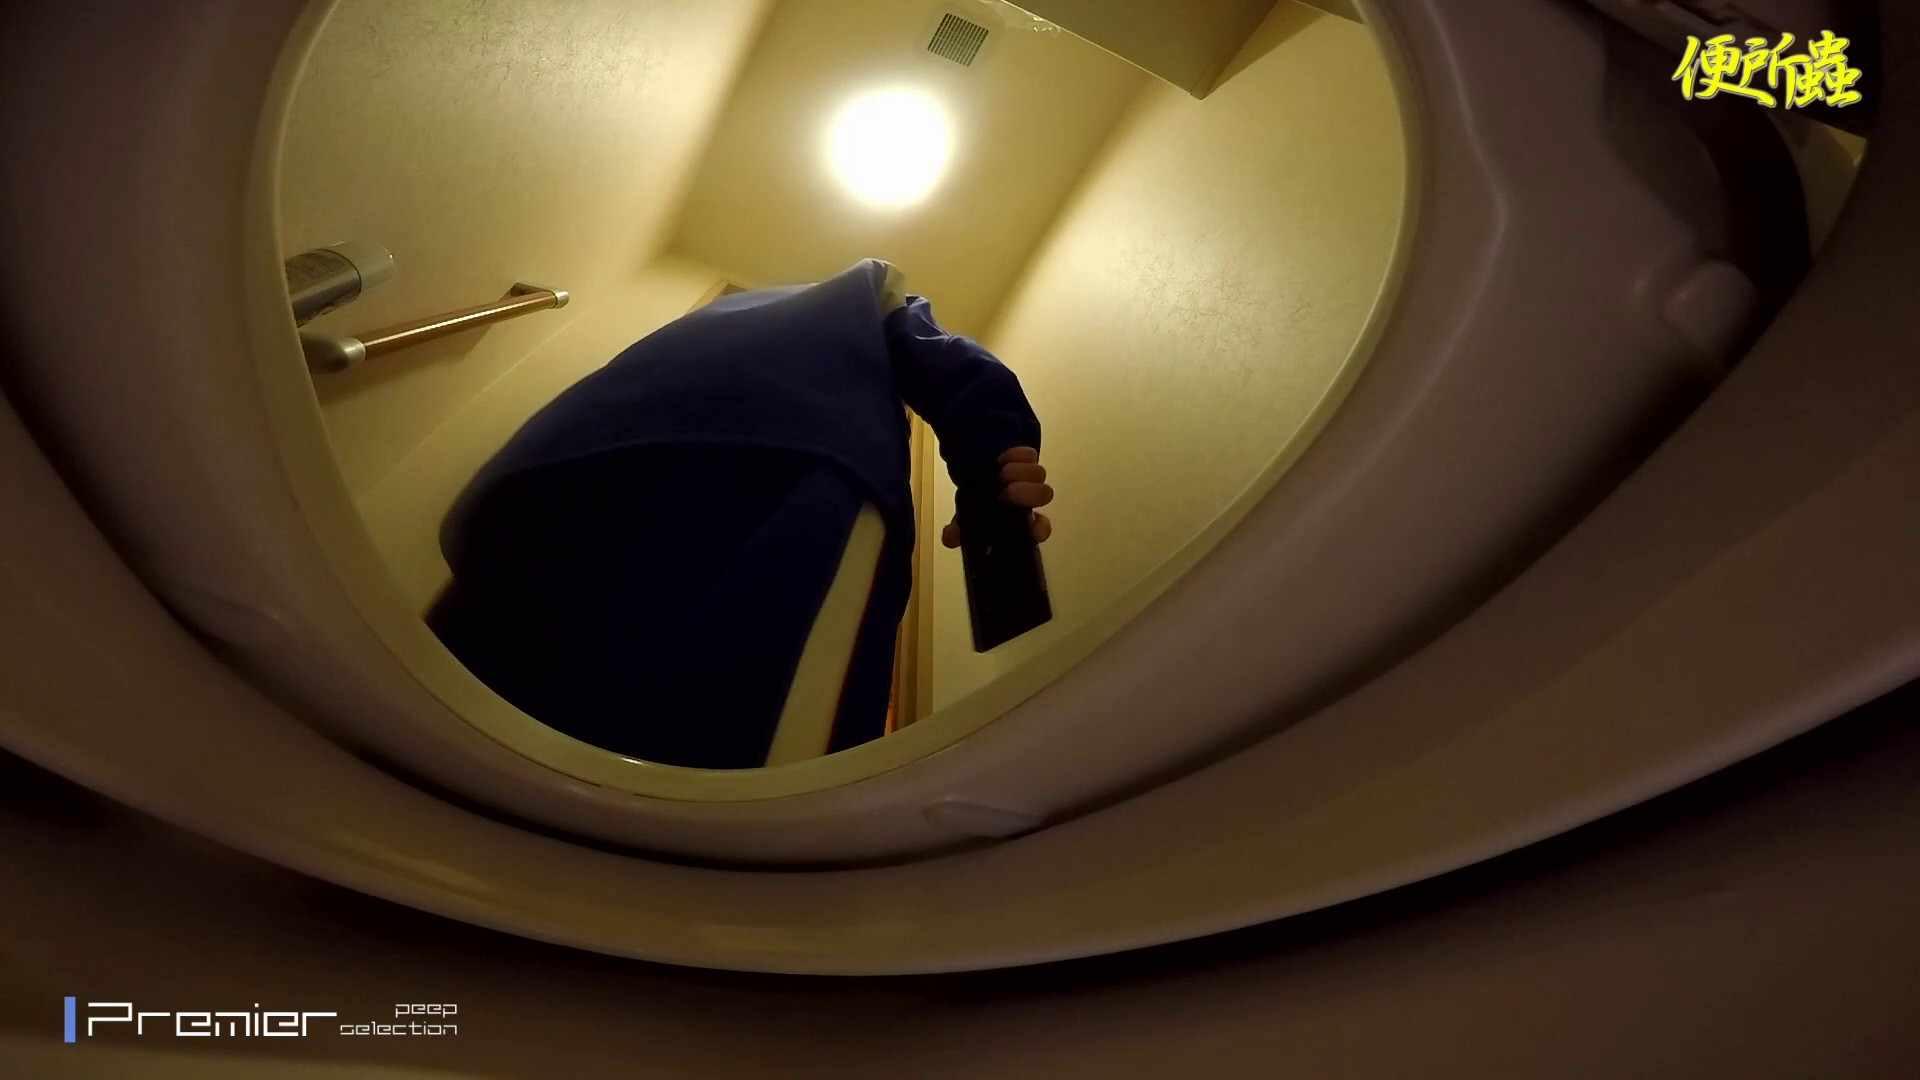 【洗面所盗撮】便所蟲さんリターン vol.24 便所ハメ撮り   盗撮エロすぎ  85連発 37